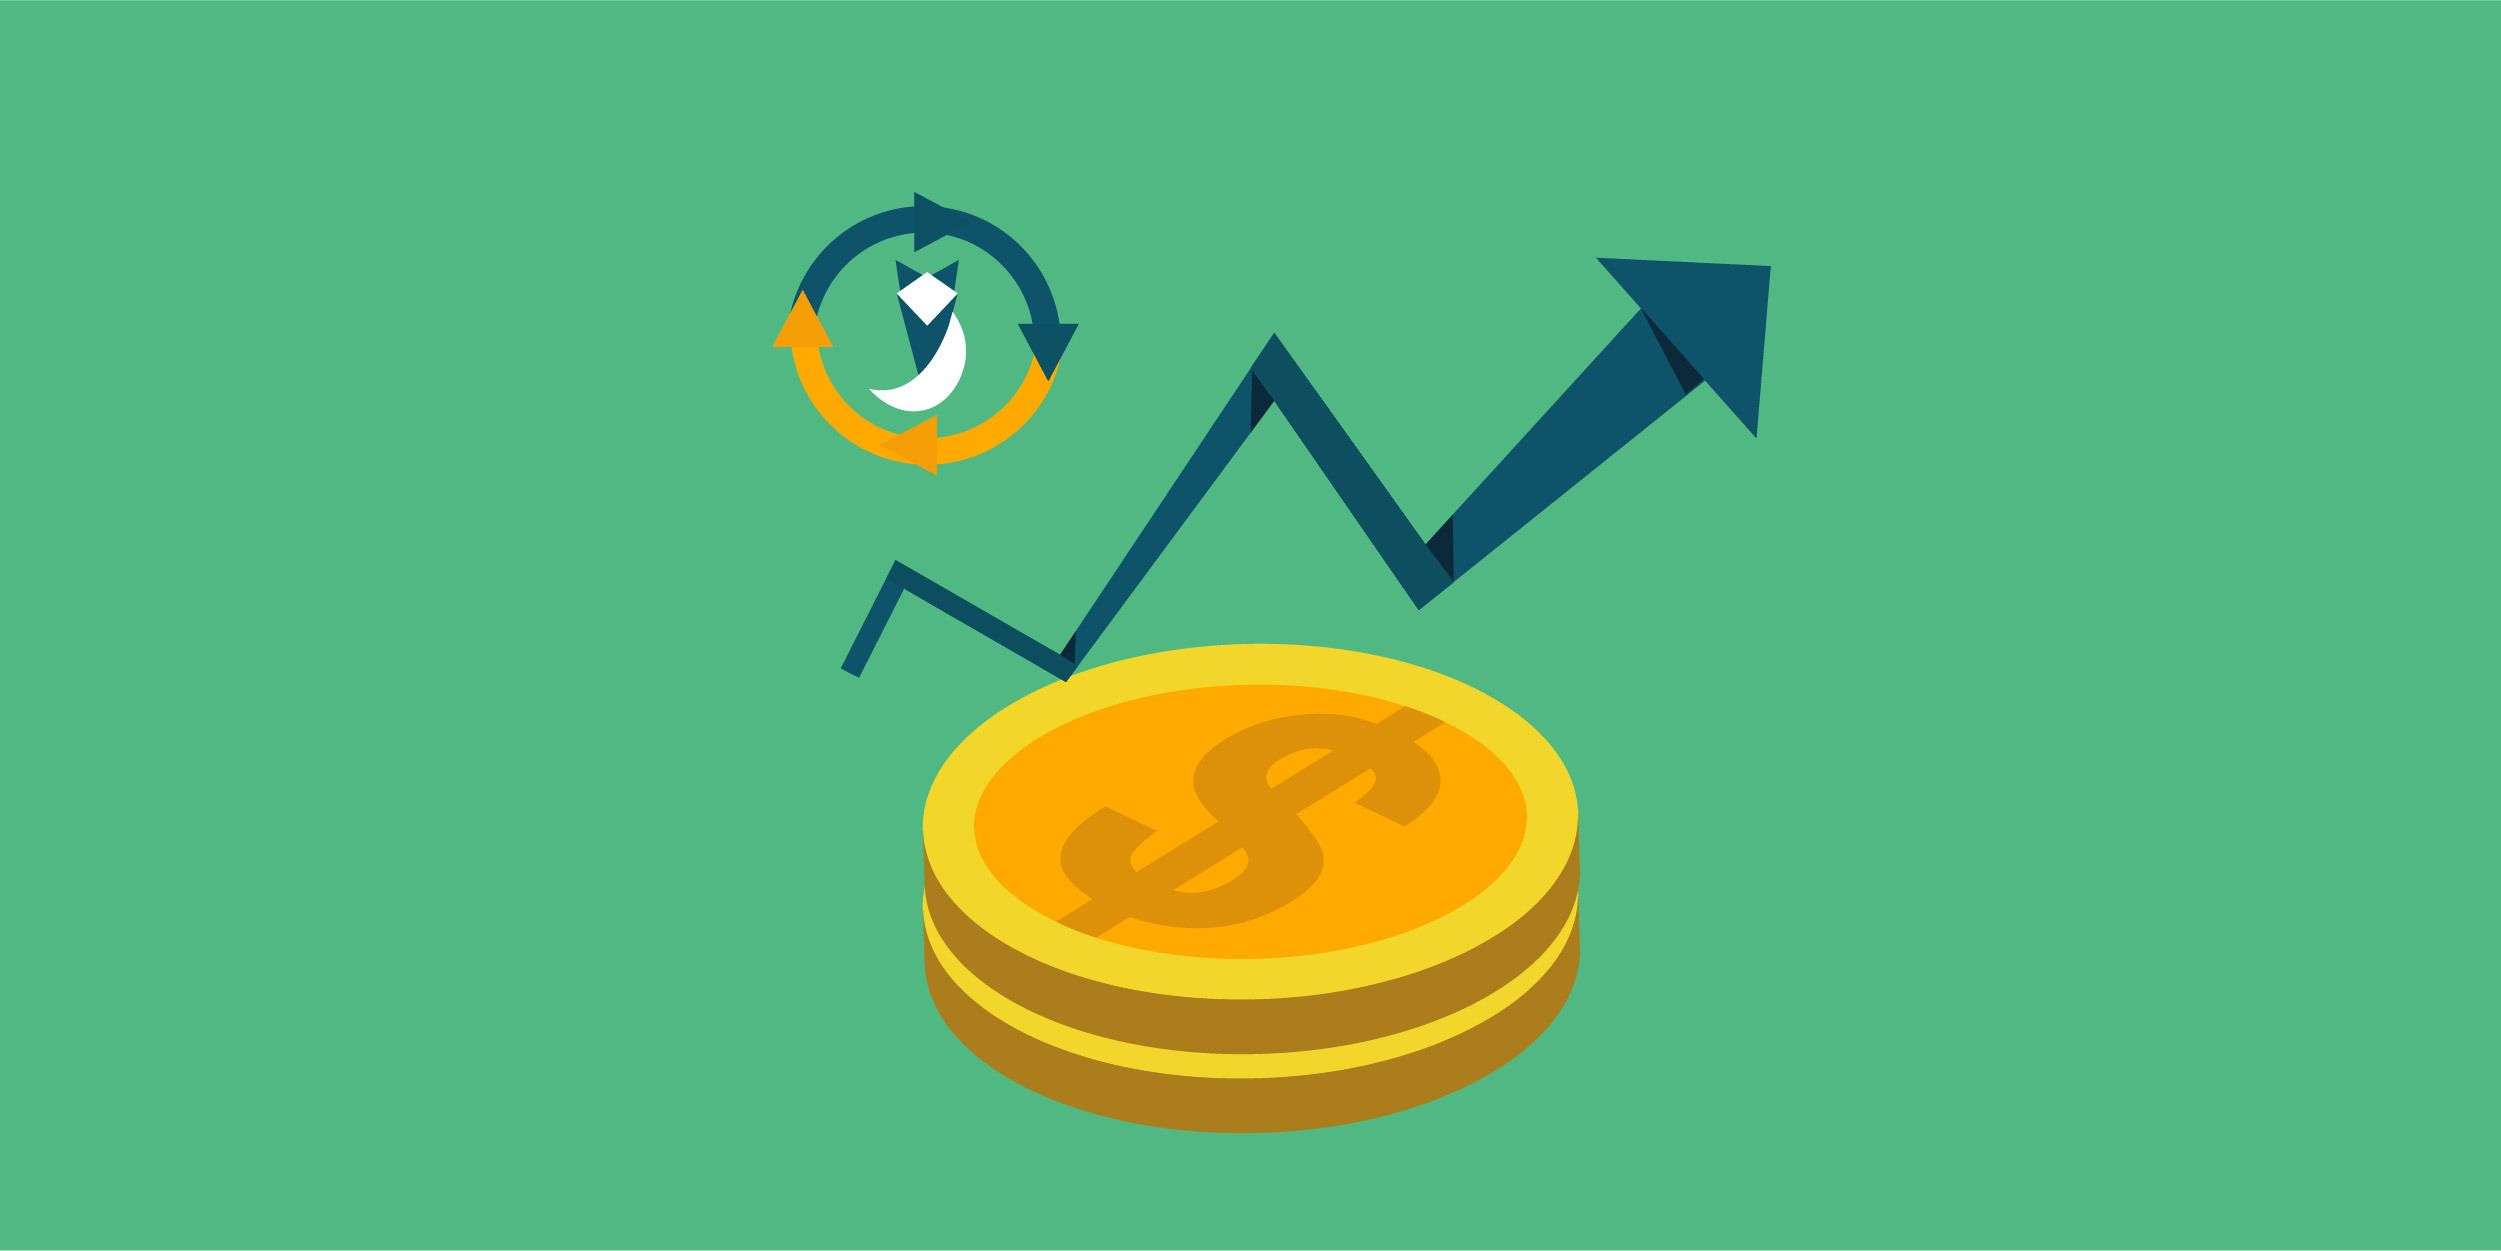 سعر الدولار في البنوك المصرية اليوم، أقل سعر للبيع في البنك الأهلي